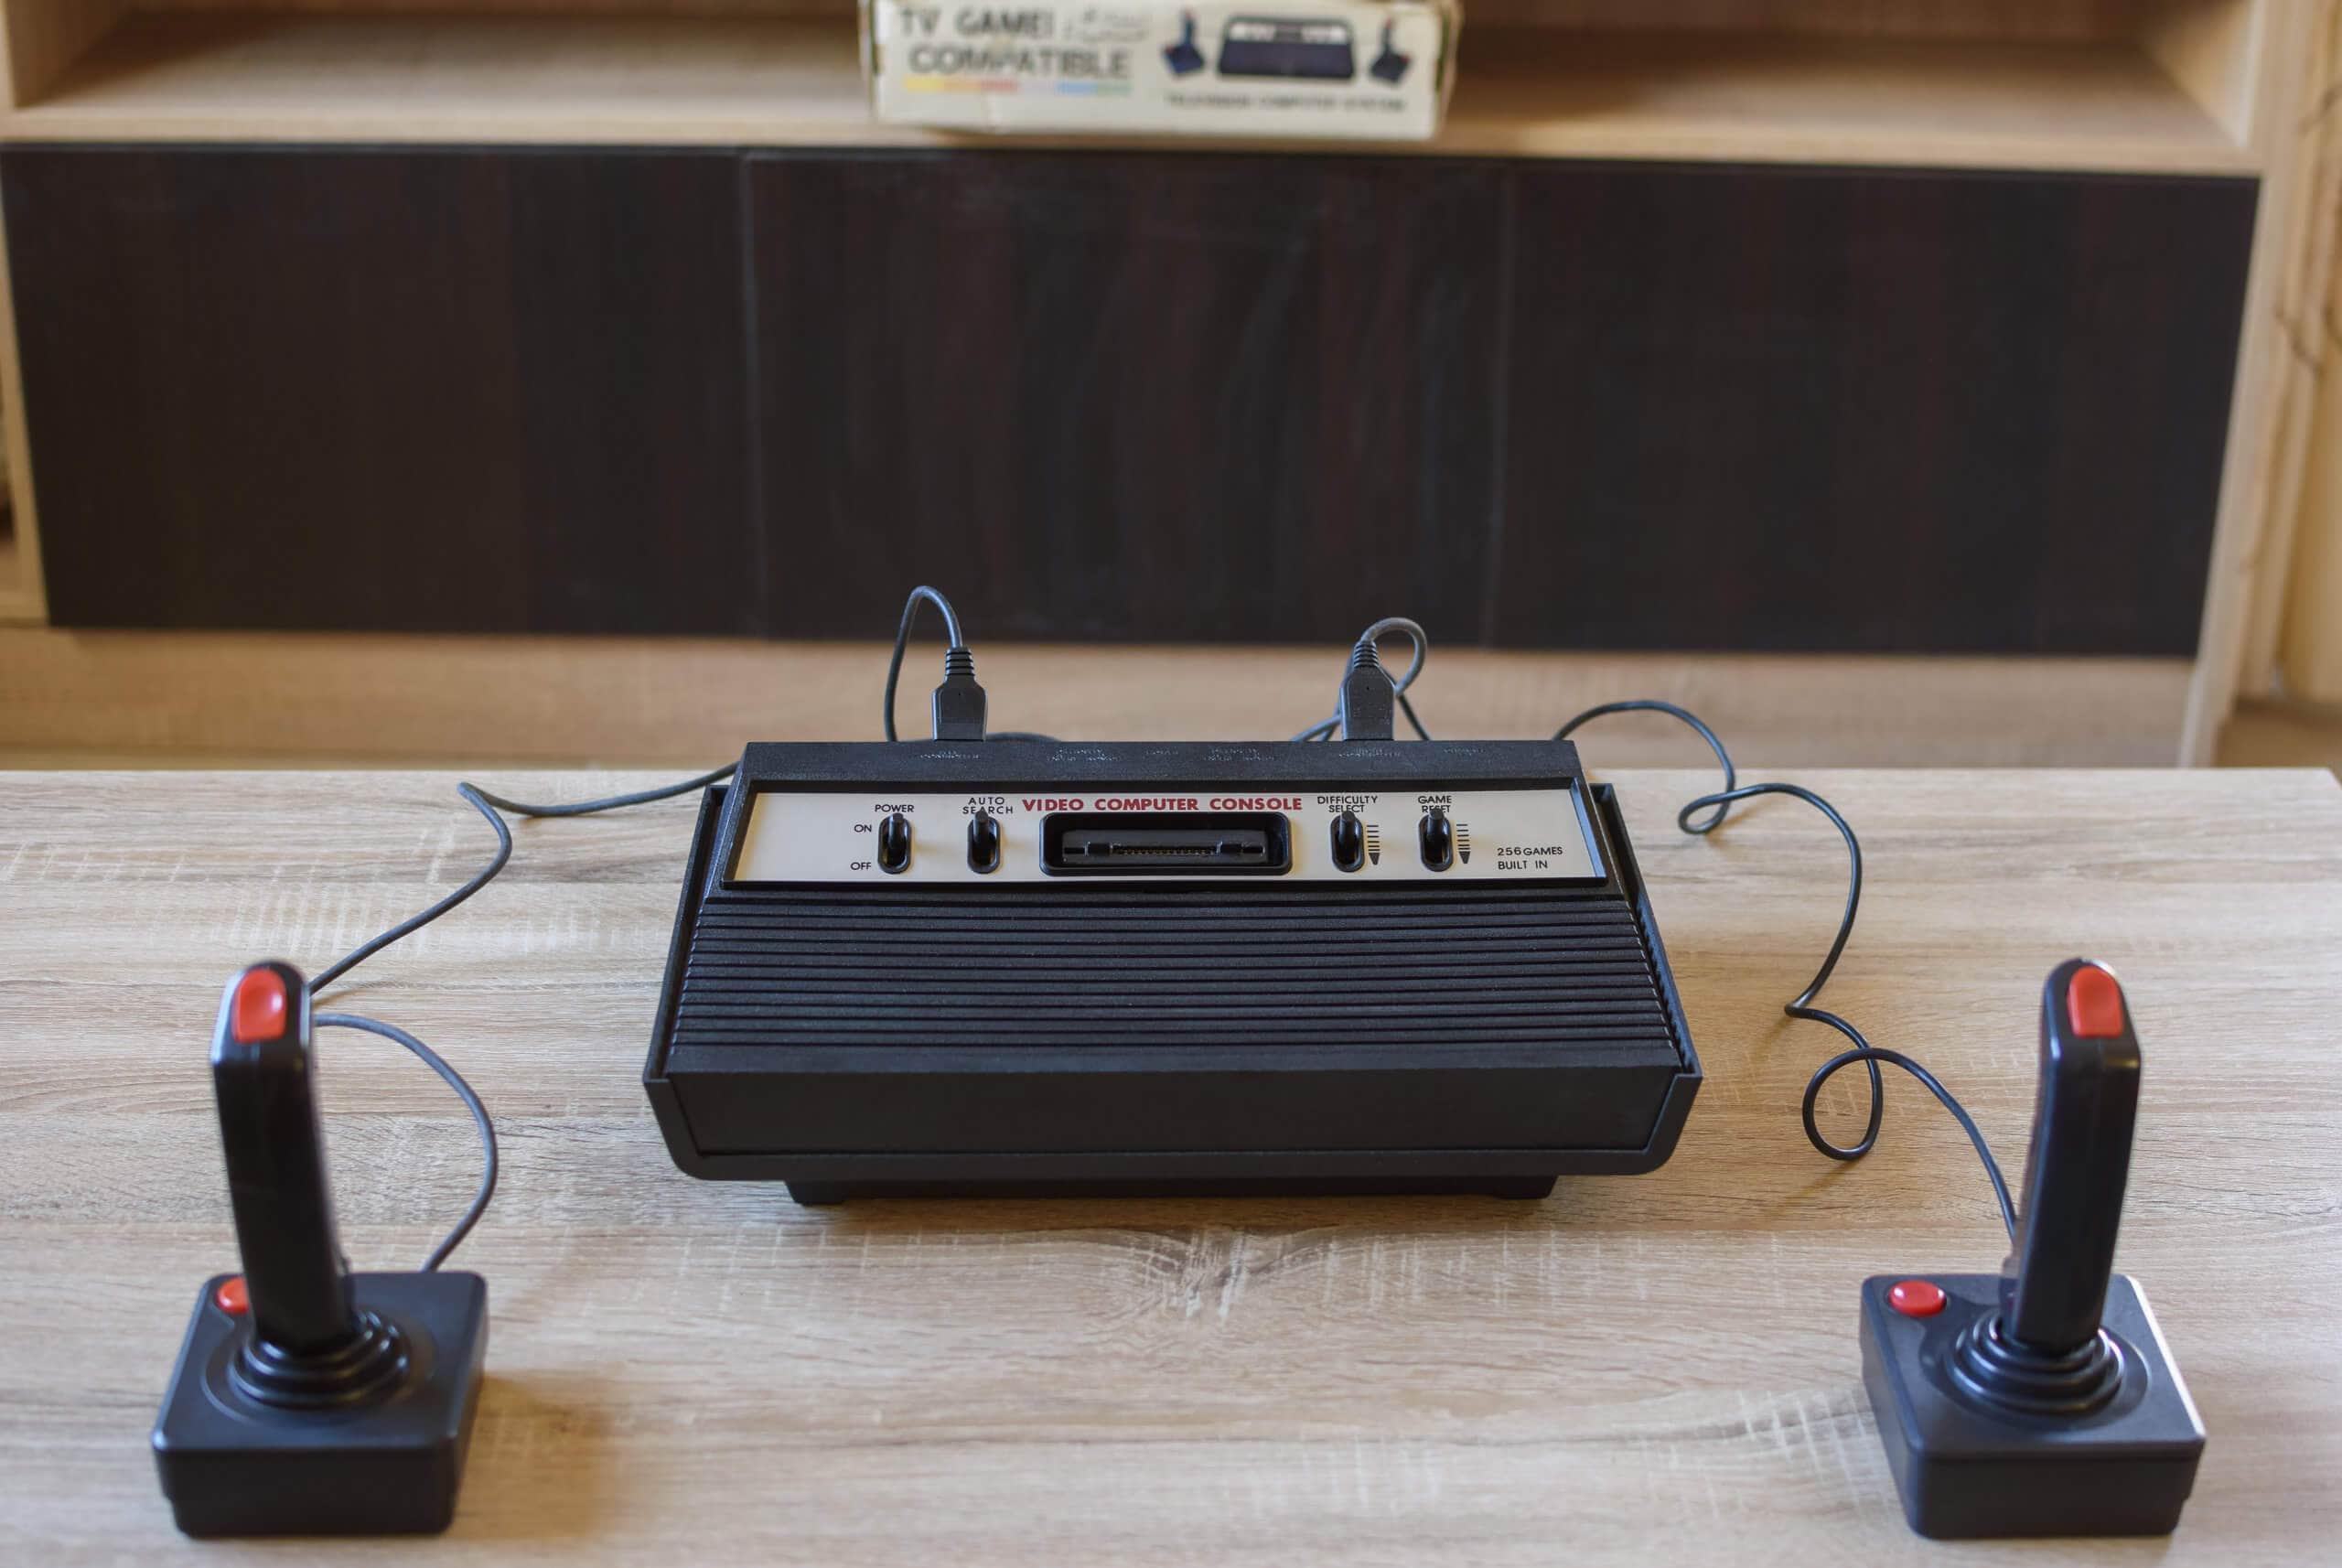 Atari Meets Litecoin: Glücksspiel, Gaming Und Konsolen